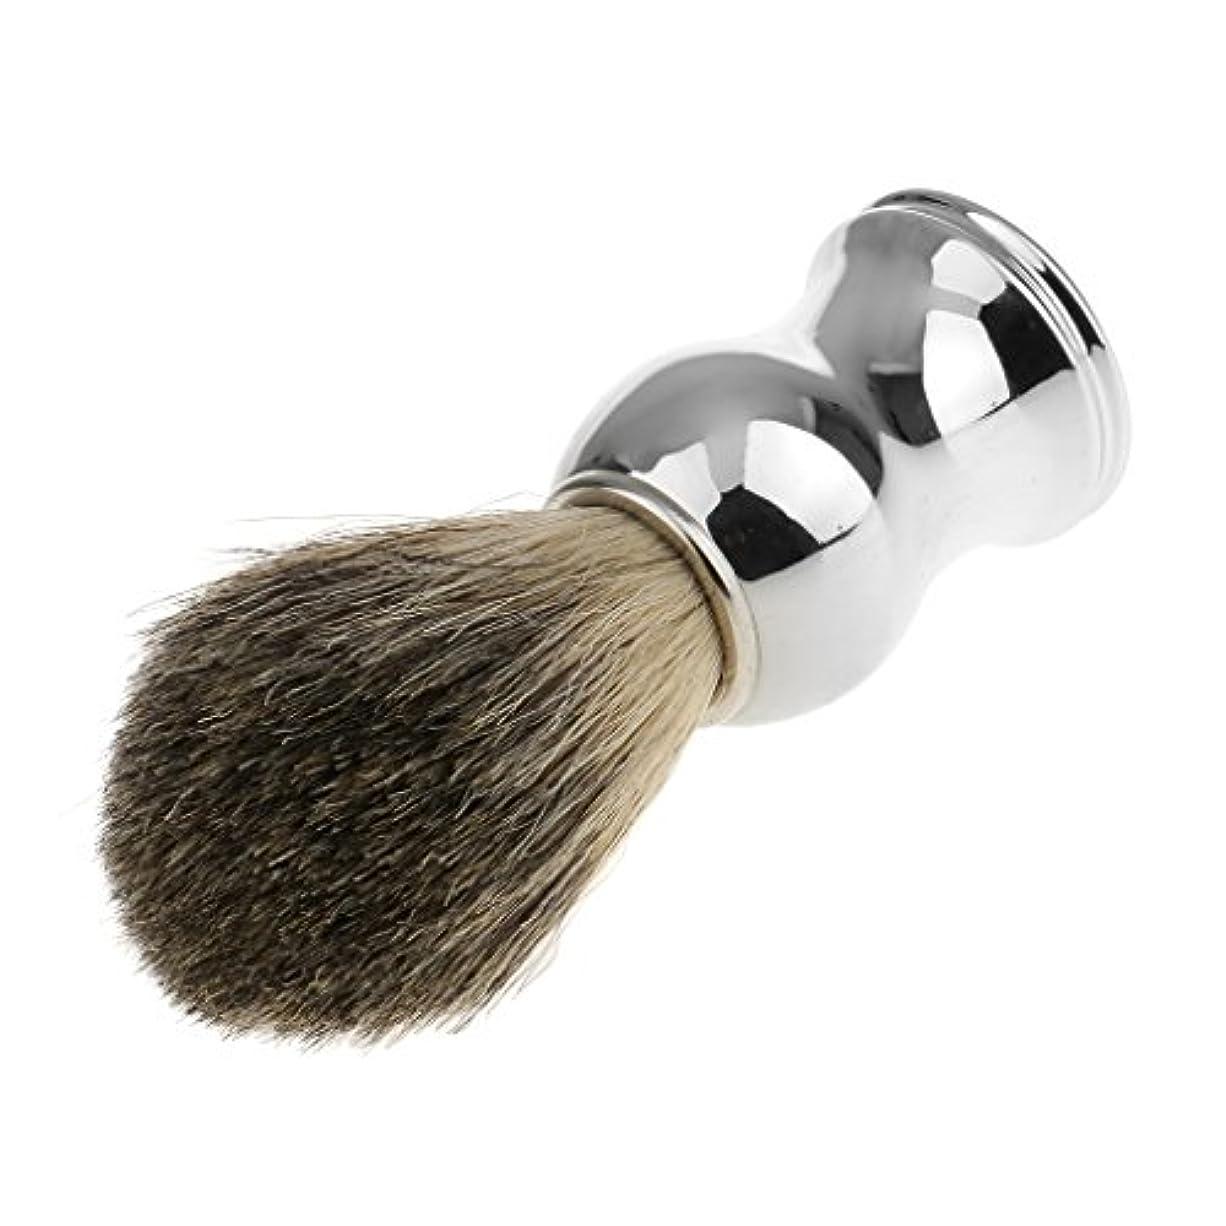 フルート雄弁な薄暗いPerfk 人工毛 シェービングブラシ 柔らかい 理容  洗顔  髭剃り 便携 乾くやすい 11.2cm 全2色 - シルバーハンドル